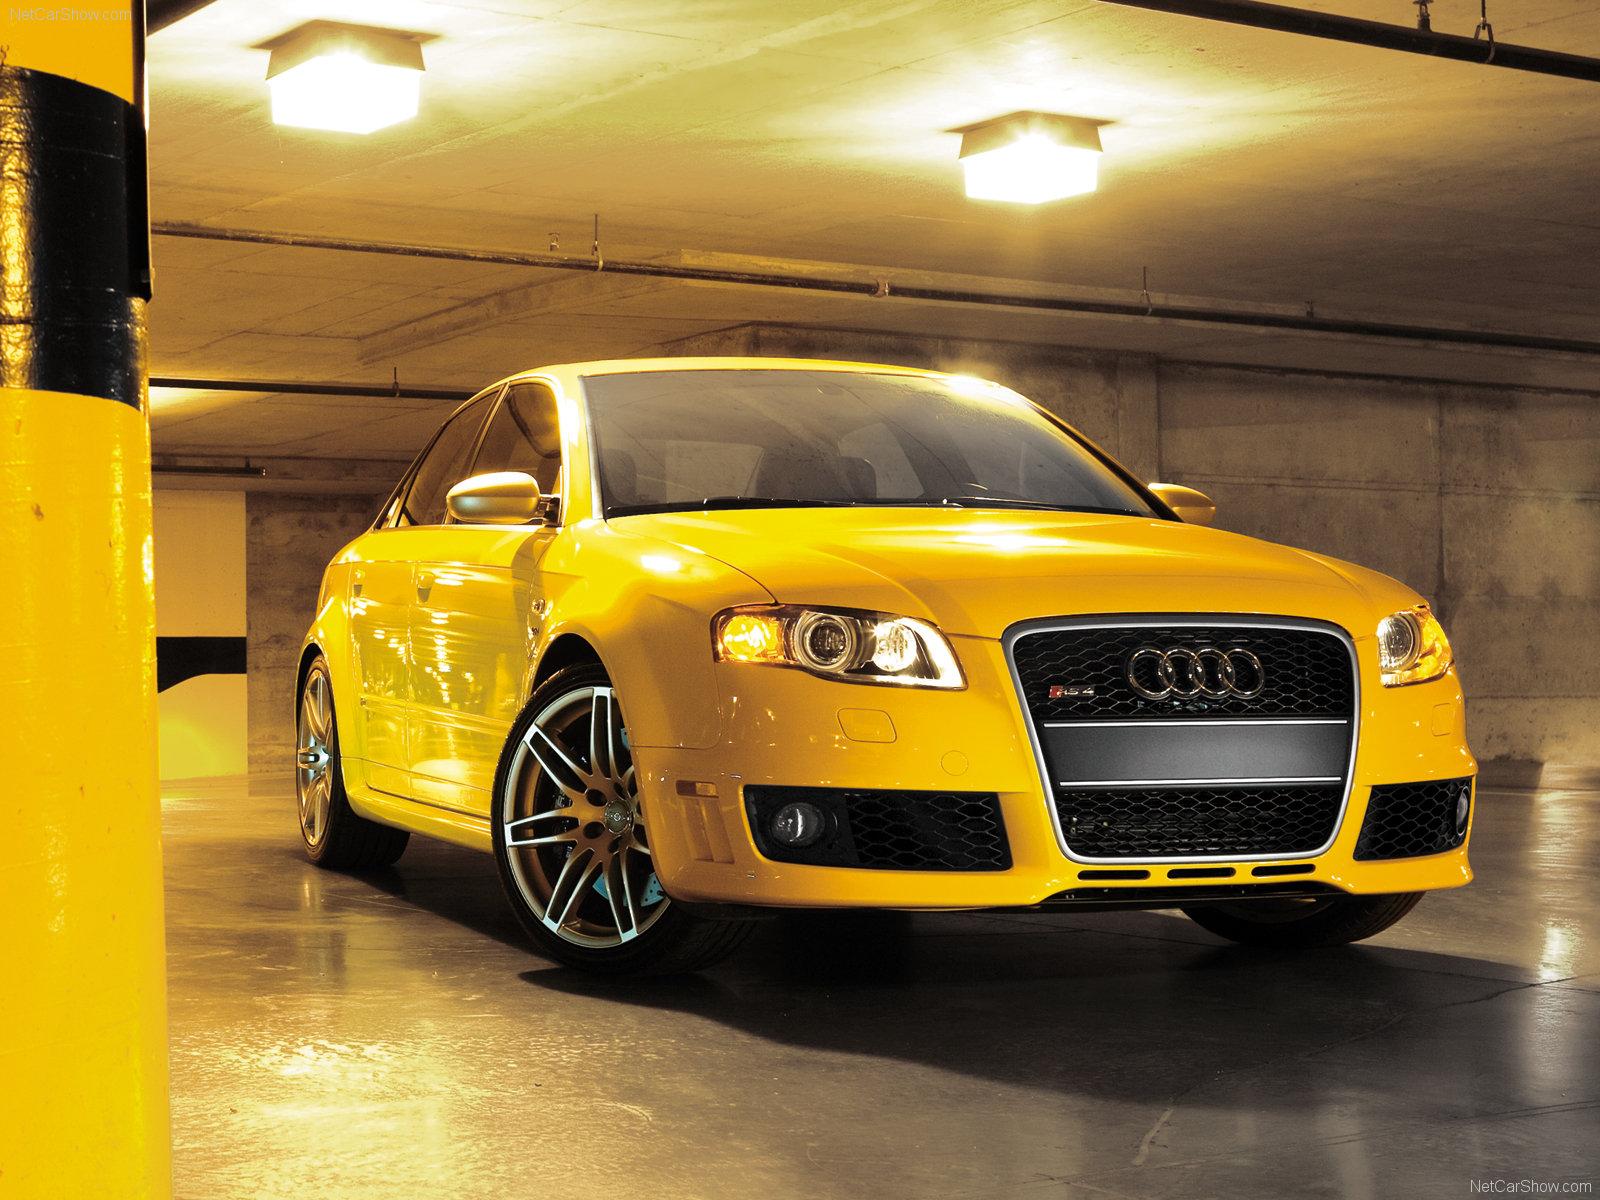 http://4.bp.blogspot.com/_Iq1fkO6qus0/TSThz3Ov2cI/AAAAAAAAAhg/xTdSQuOzppM/s1600/Audi-RS4-Wallpapers_0501201105.jpg